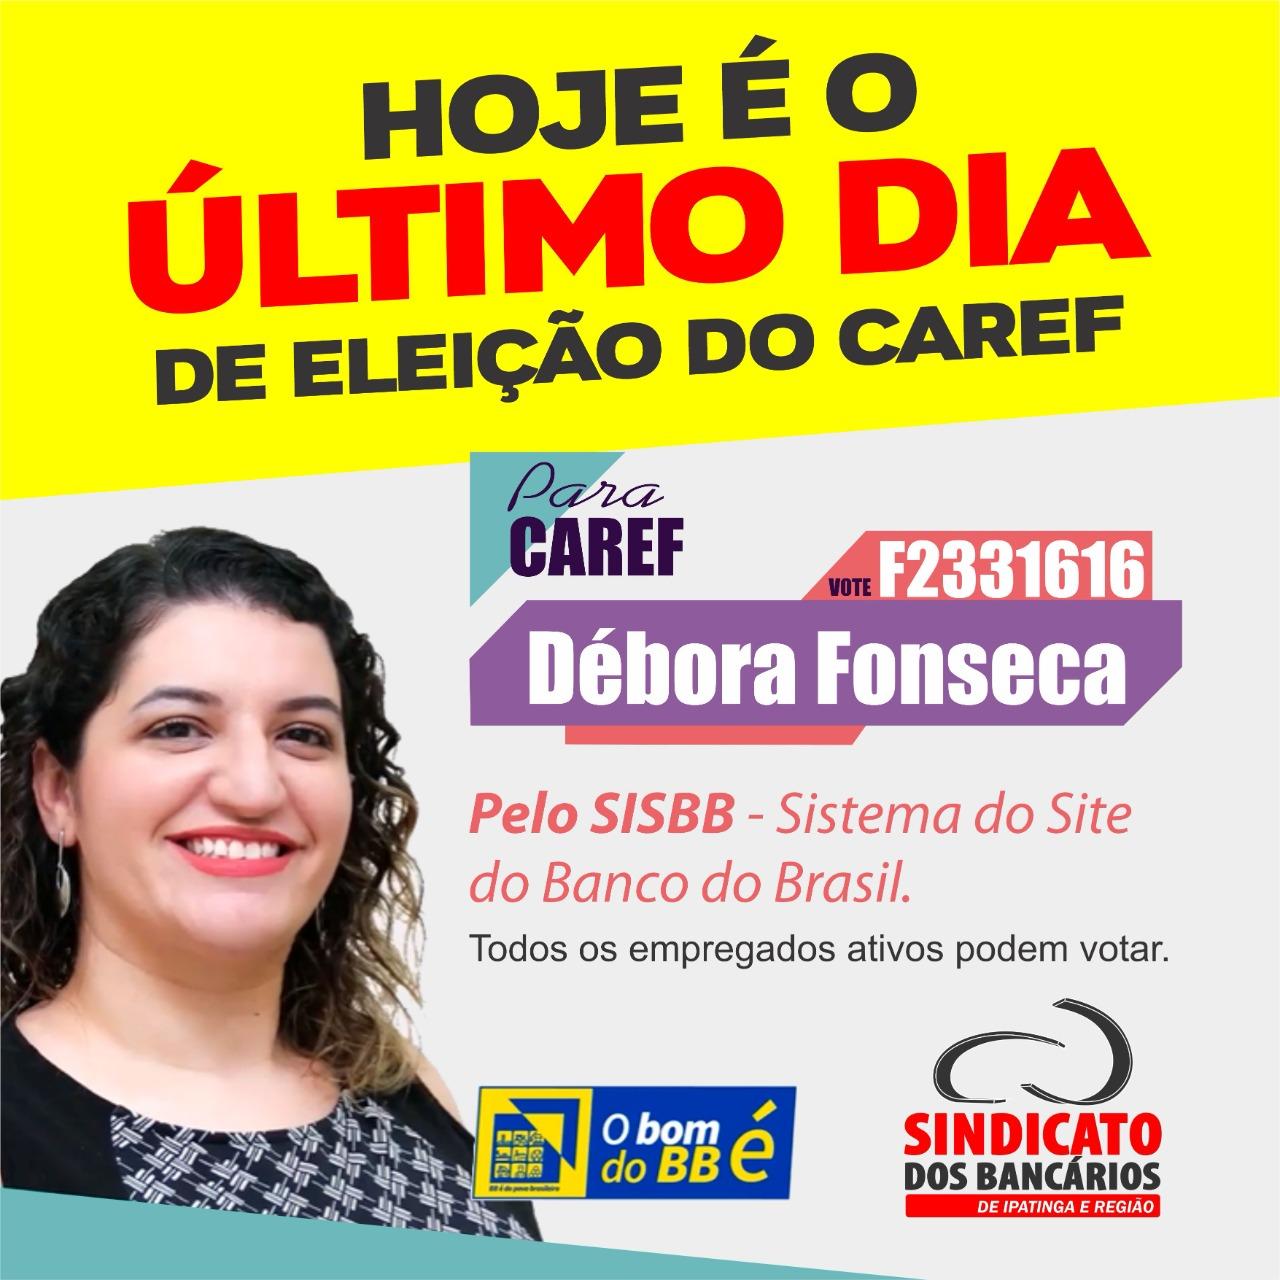 Imagem:Hoje termina o segundo turno da eleição do Caref no BB